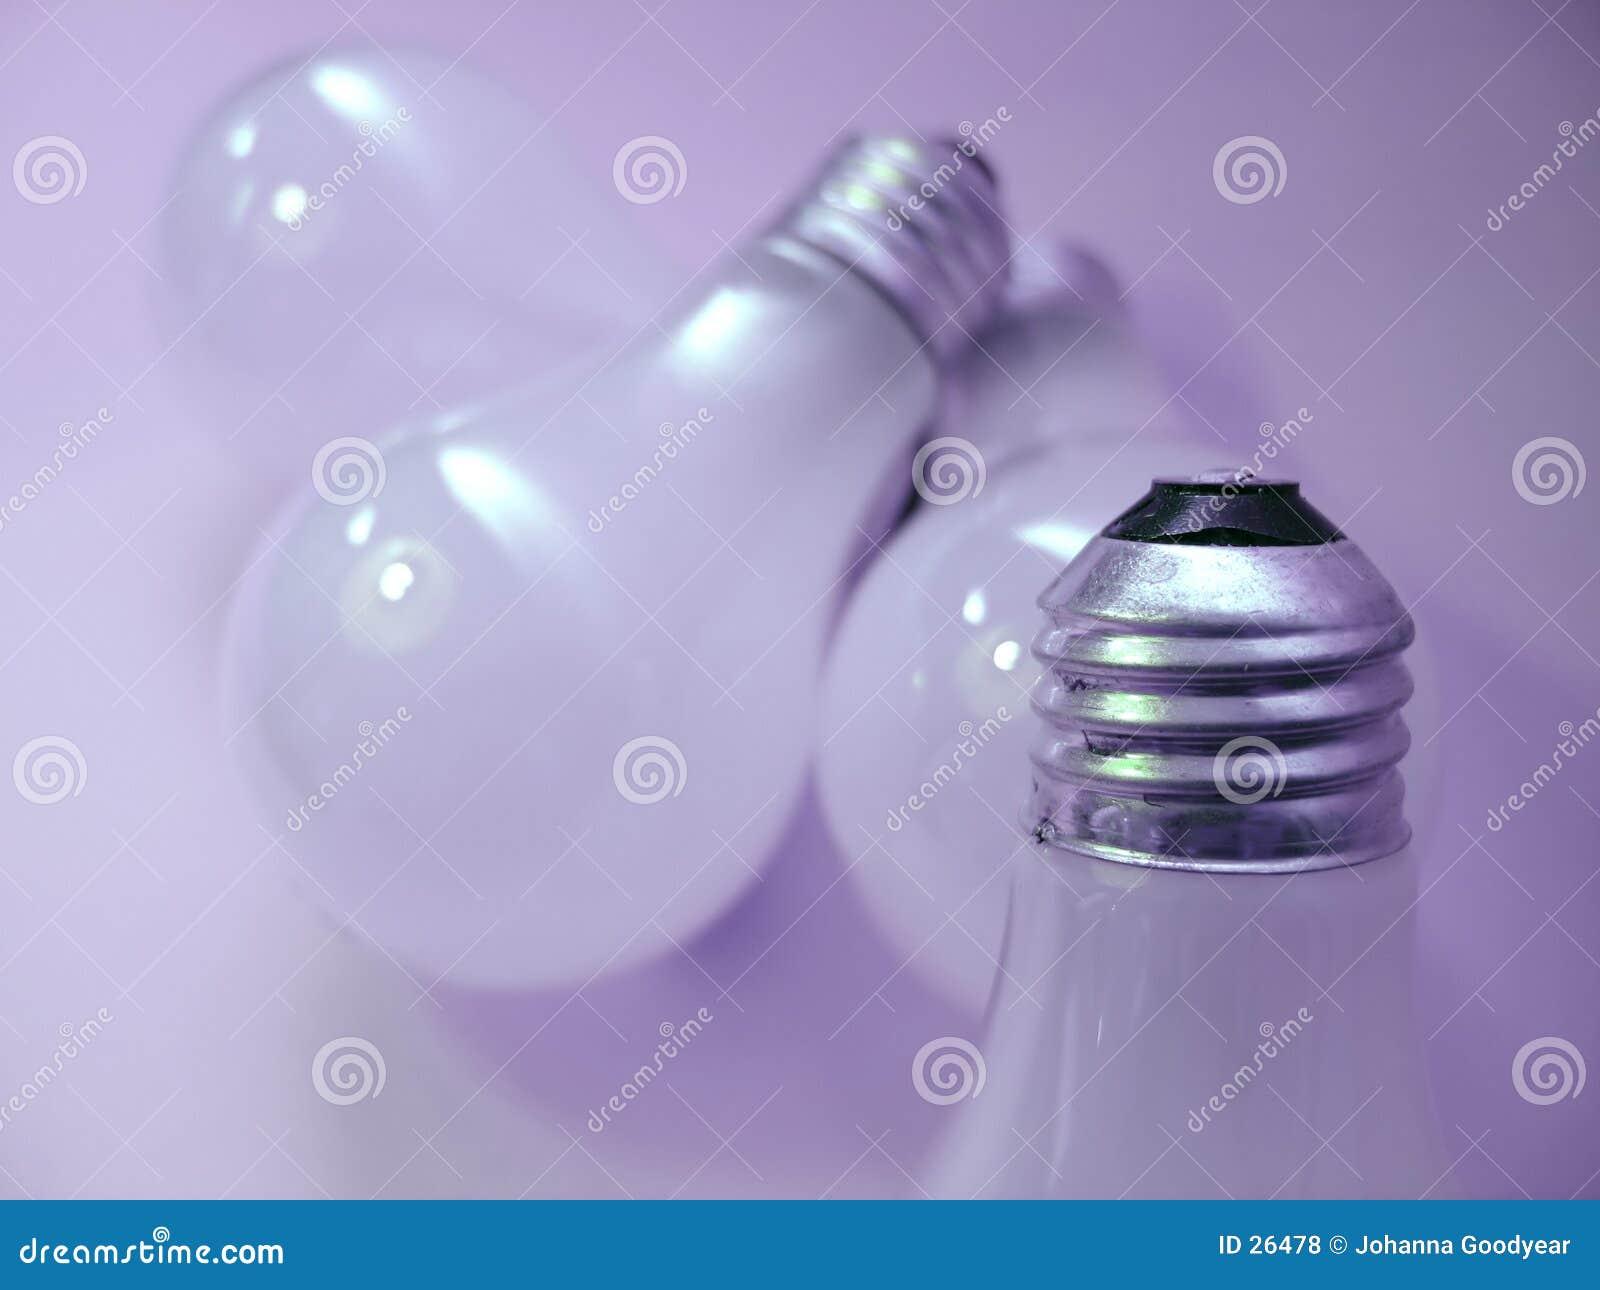 Download Bulbos foto de archivo. Imagen de vatiaje, redondo, eléctrico - 26478